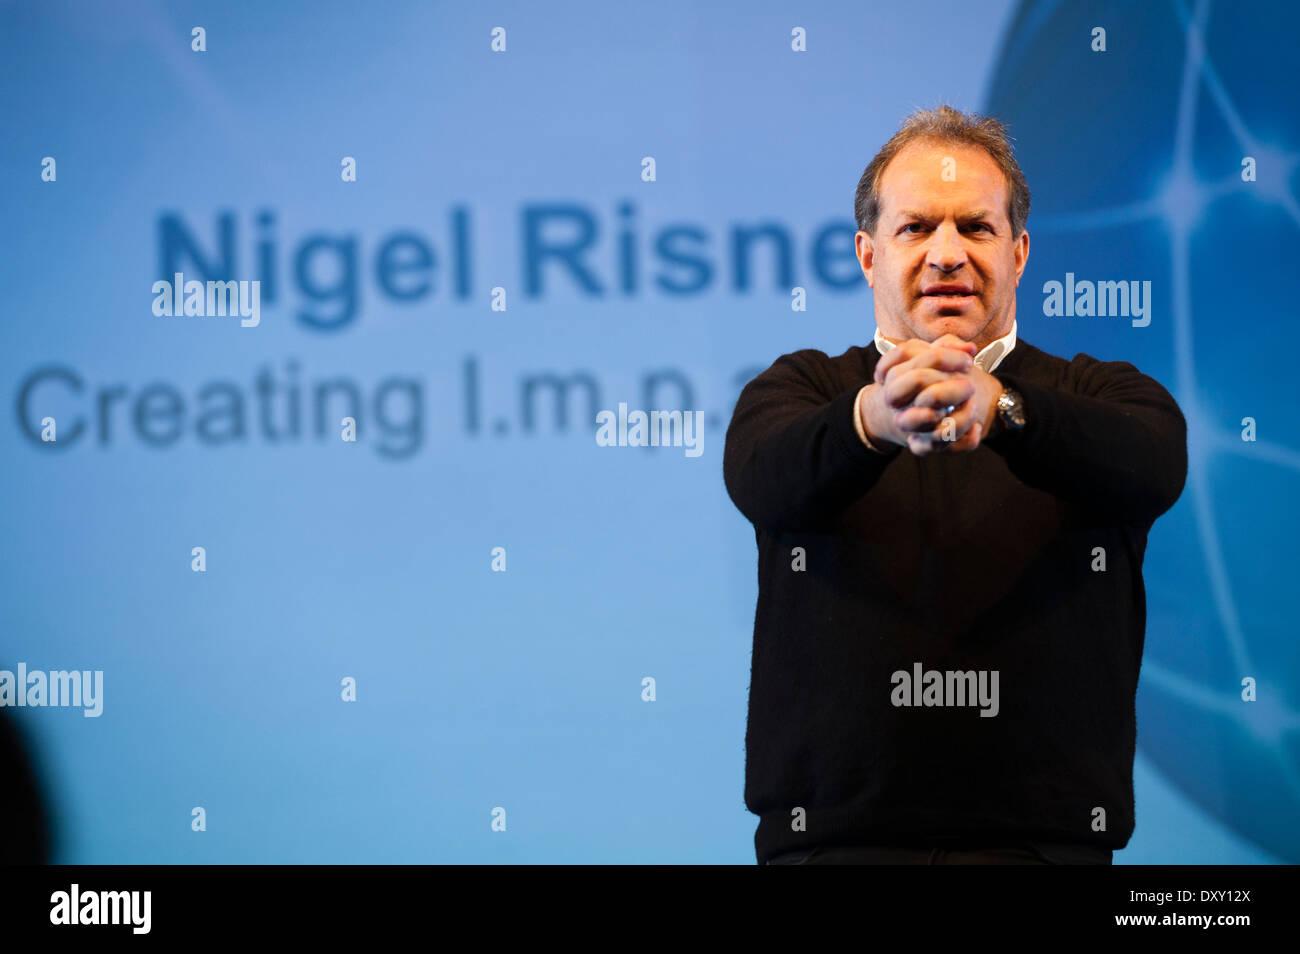 Motivational speaker and serial entrepreneur NIGEL RISNER at a business networking conference event UK - Stock Image